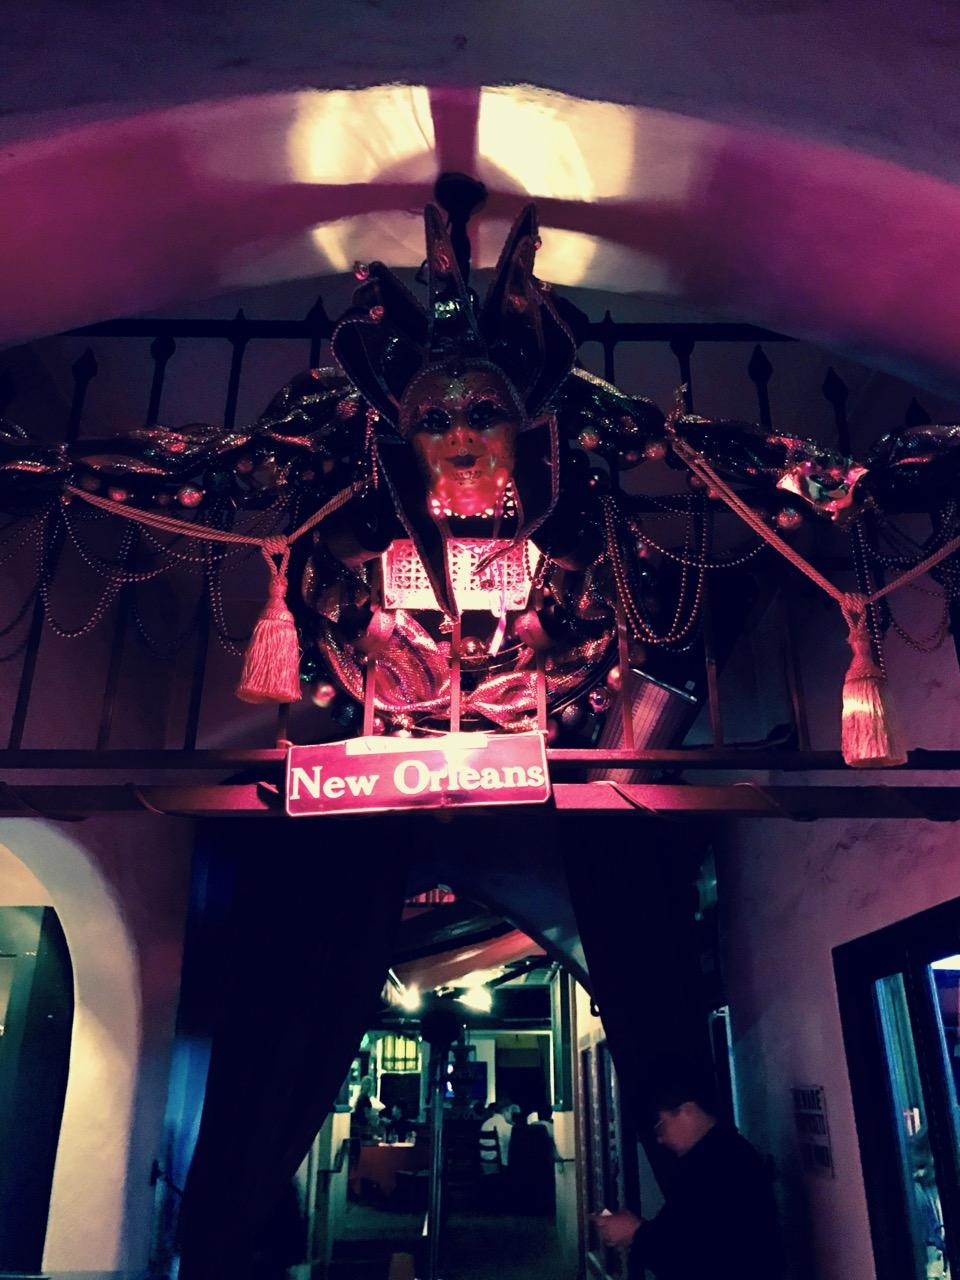 nola-new-orleans-restaurant-01